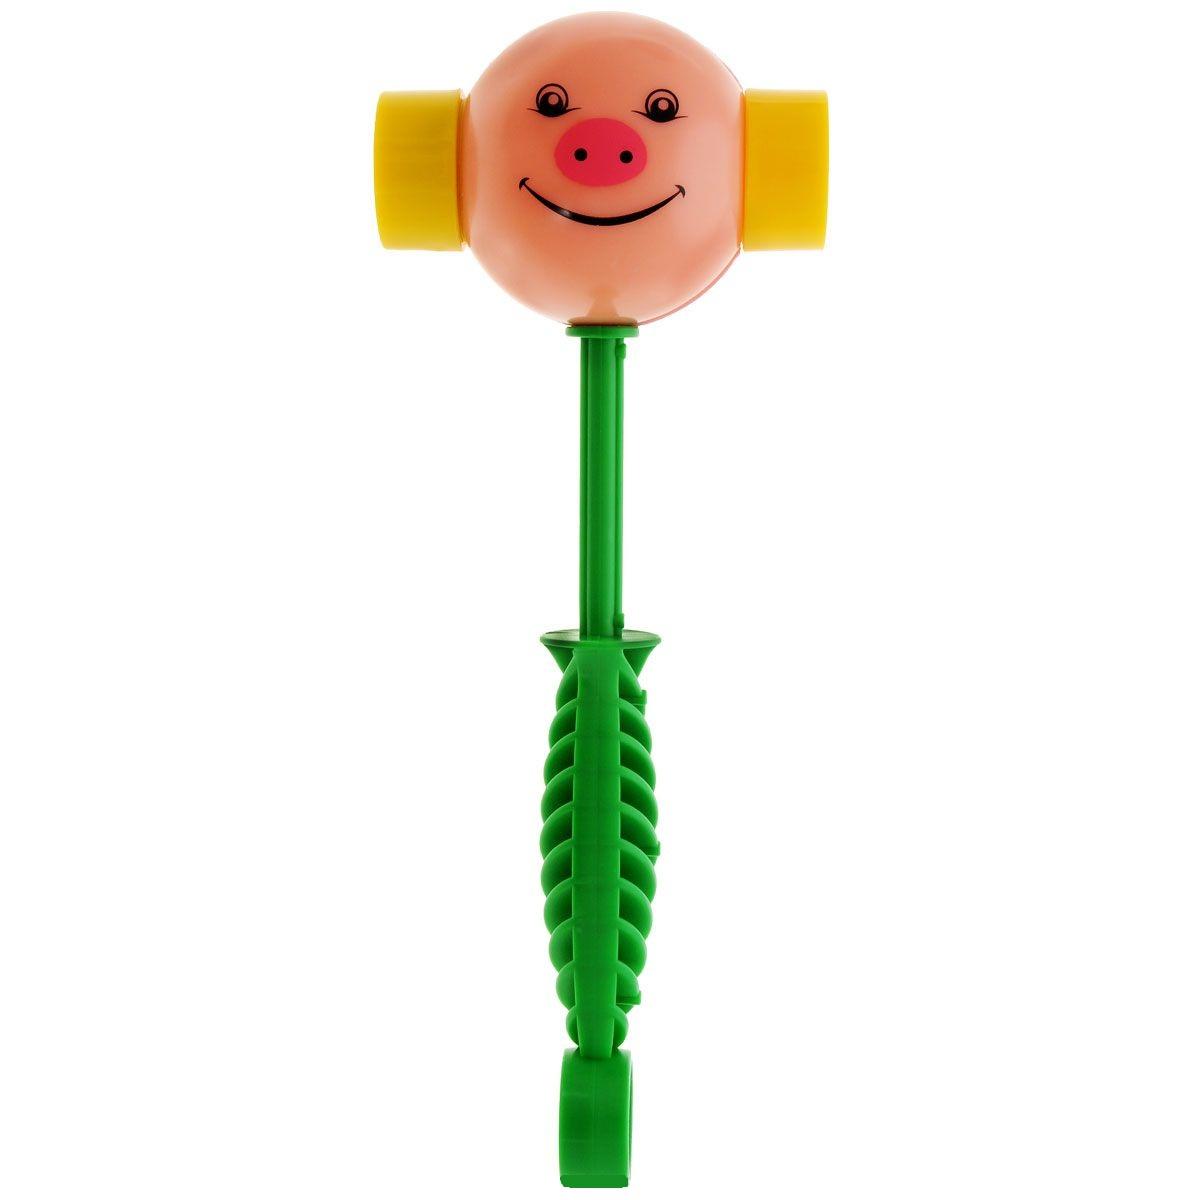 Погремушка «Весёлый молоточек»Детские погремушки и подвесные игрушки на кроватку<br>Погремушка «Весёлый молоточек»<br>